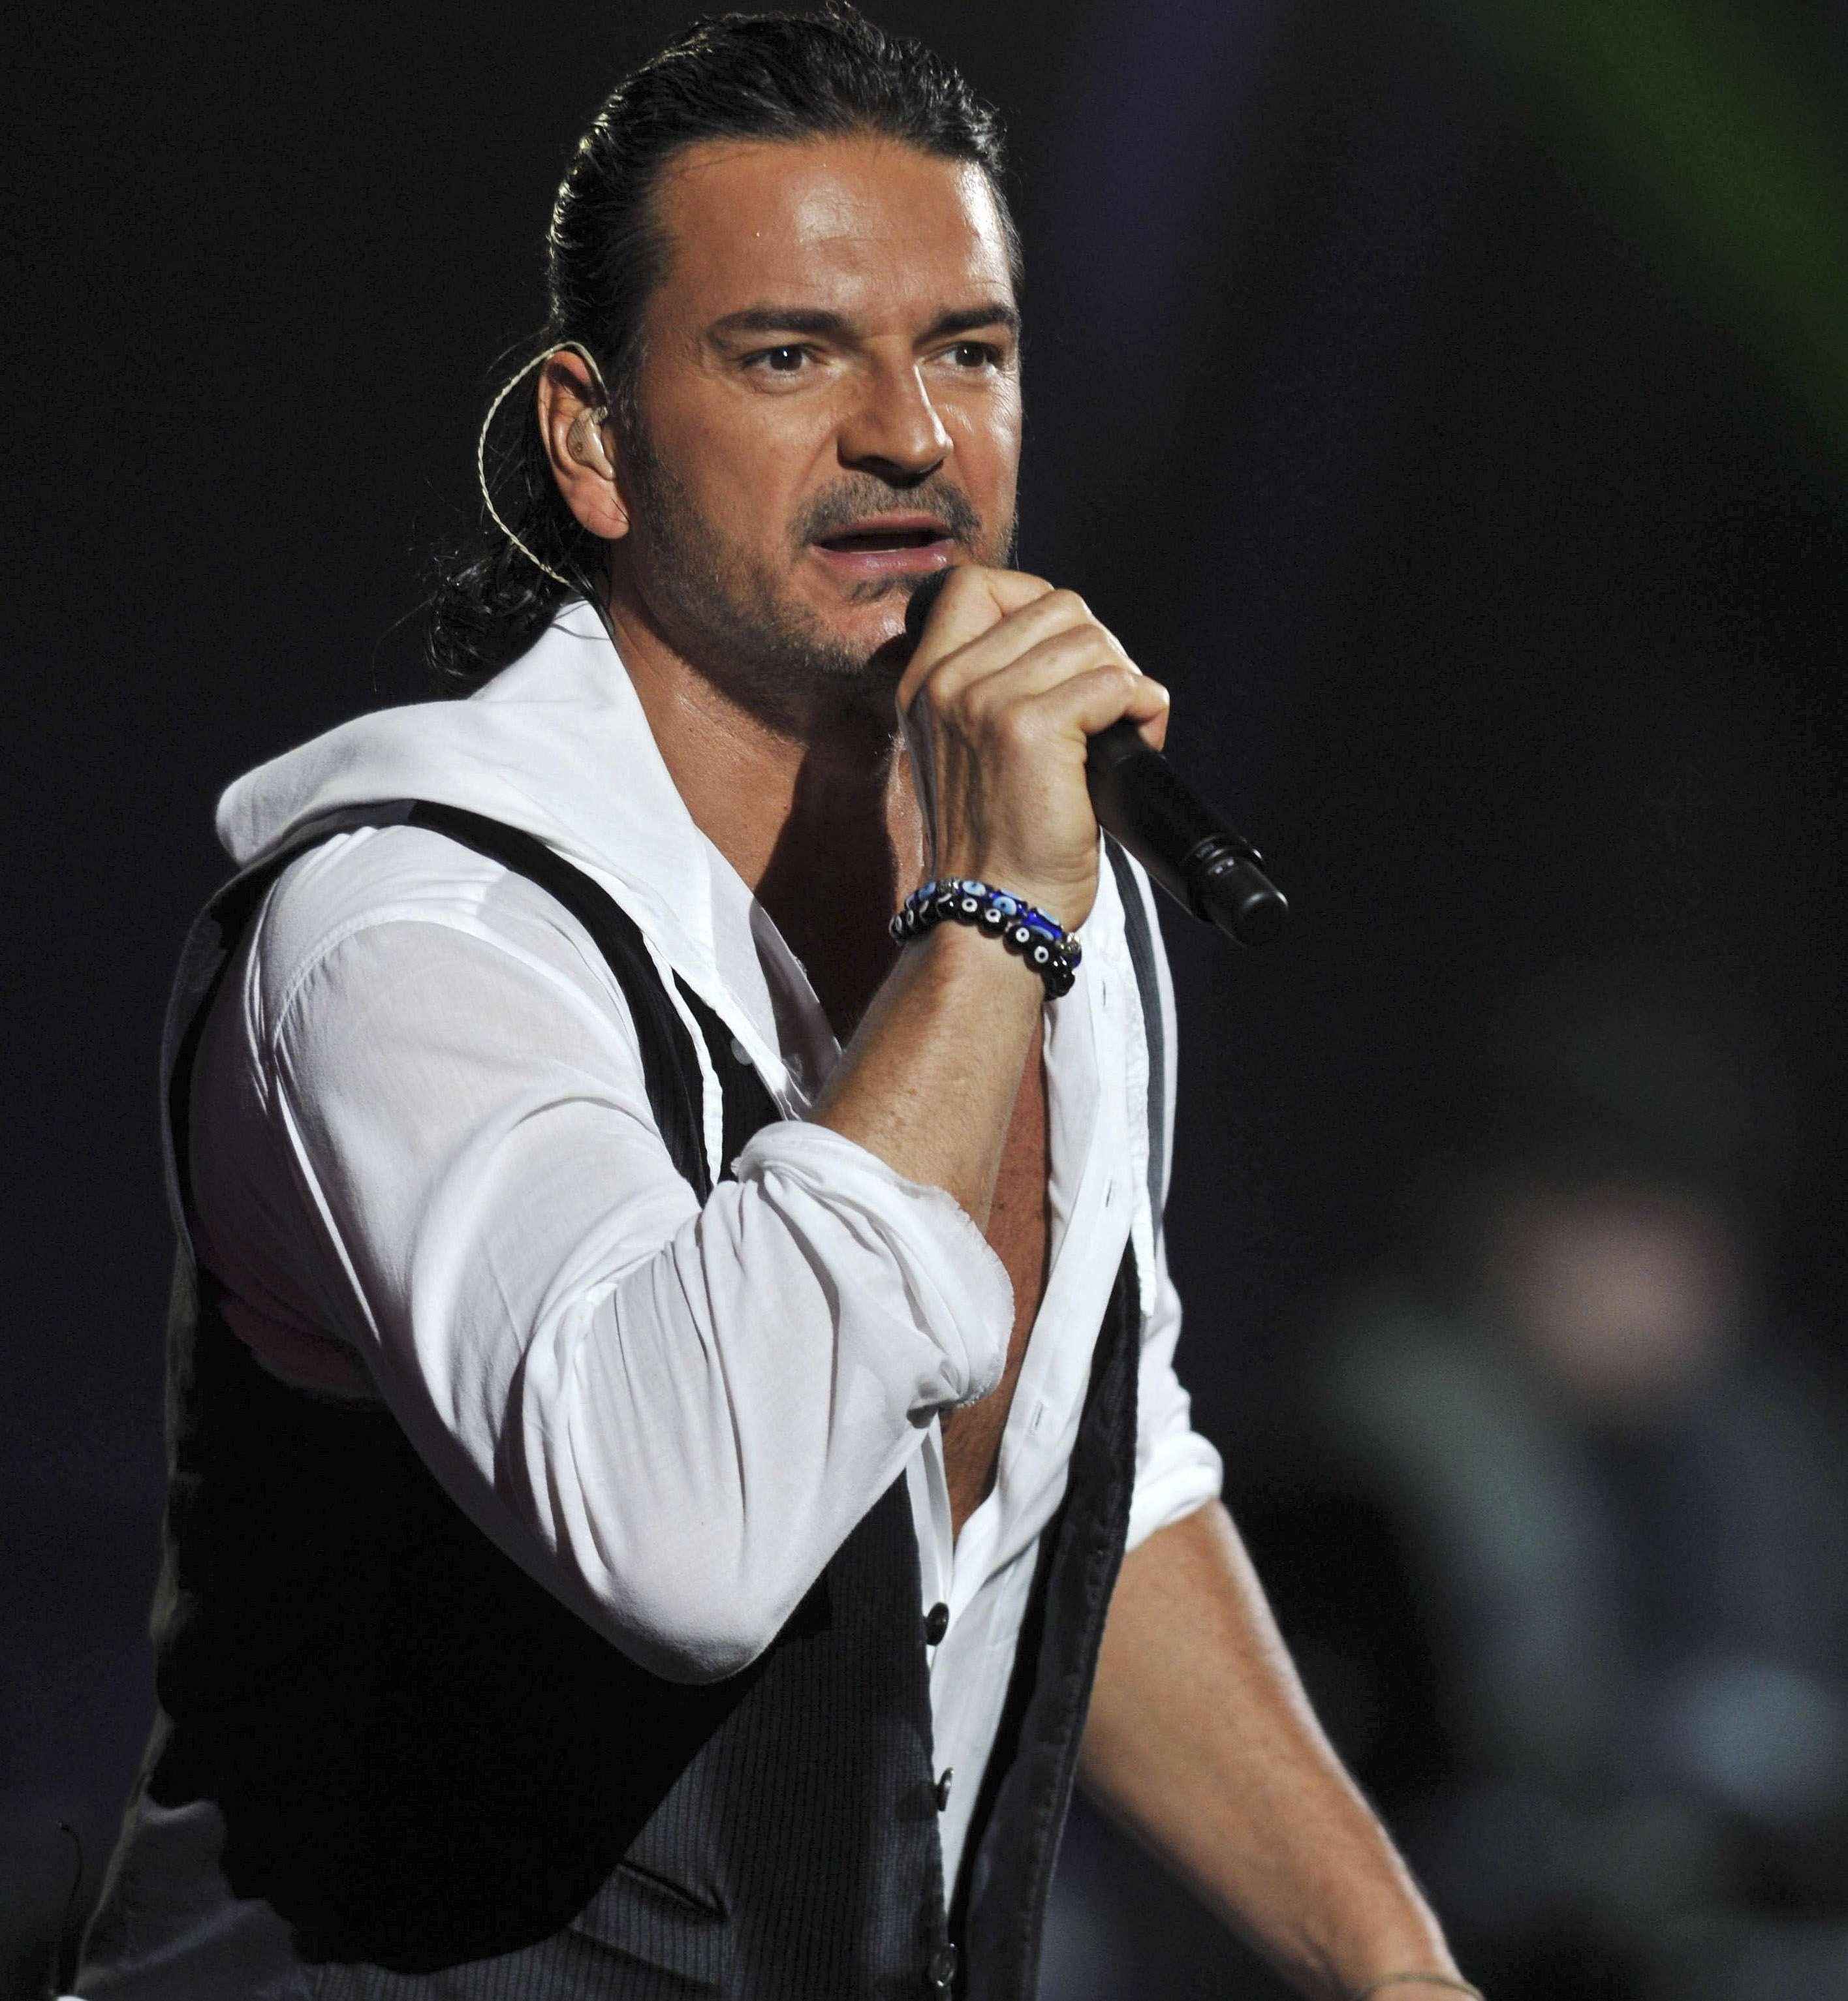 Ricardo Arjona será reconocido por su trayectoria en la industria musical. Foto: AP en español